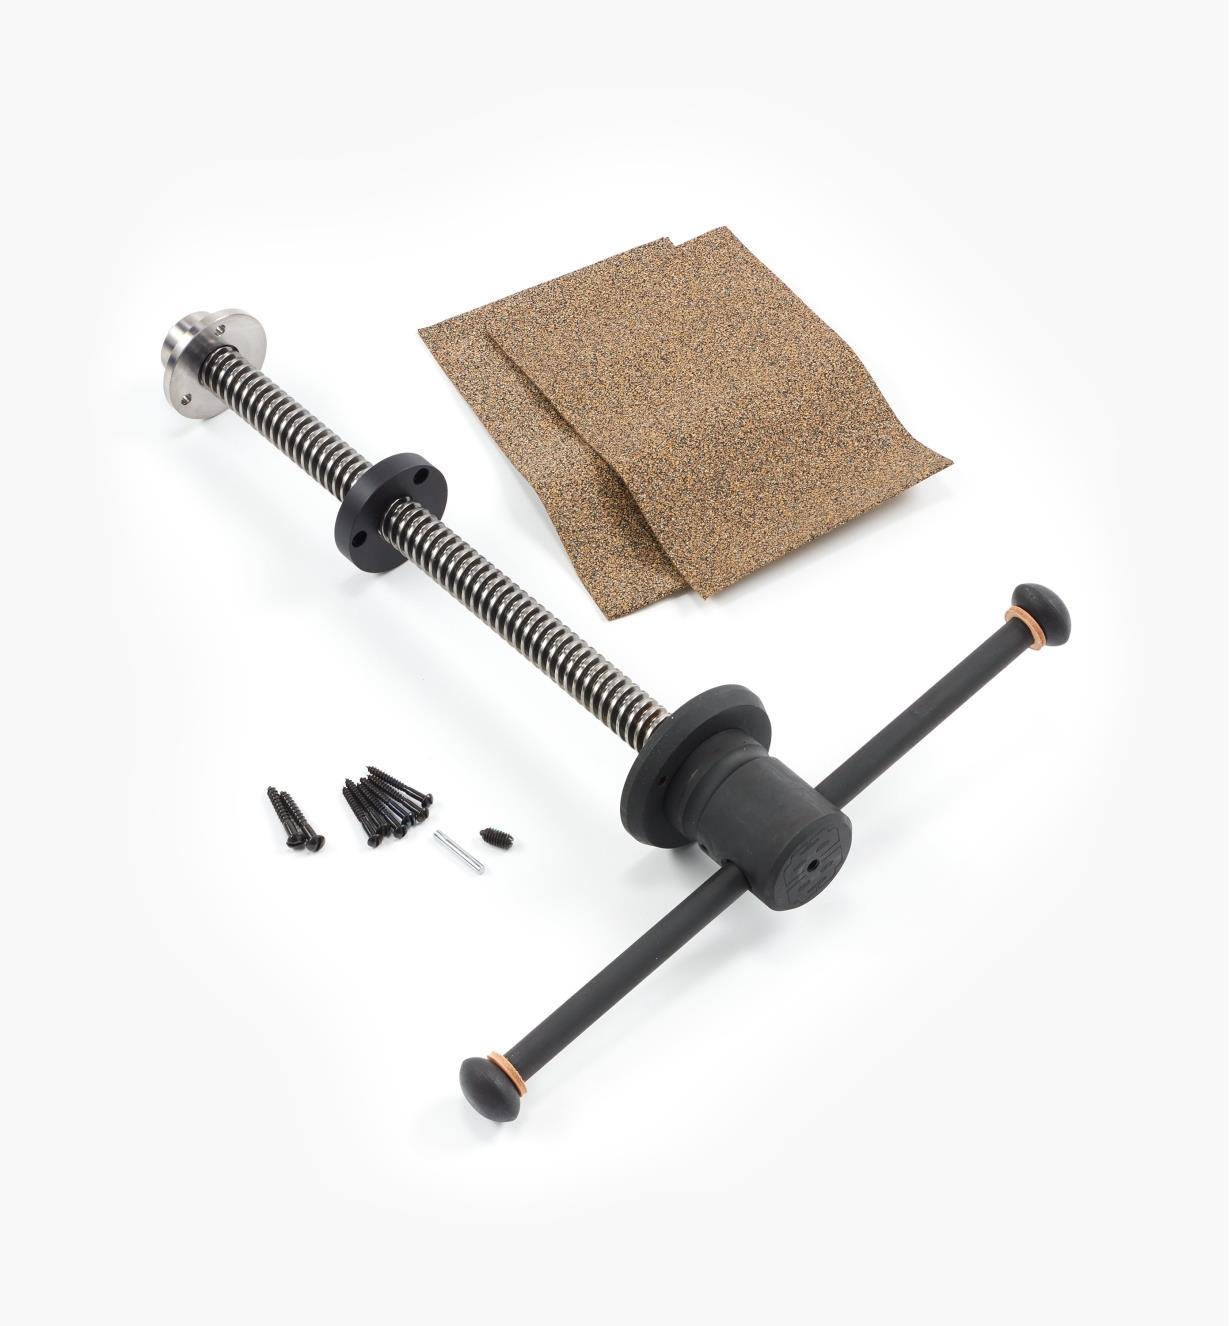 06G0125 - Composants pour presse verticale parallèle Benchcrafted, sans les bras Crisscross